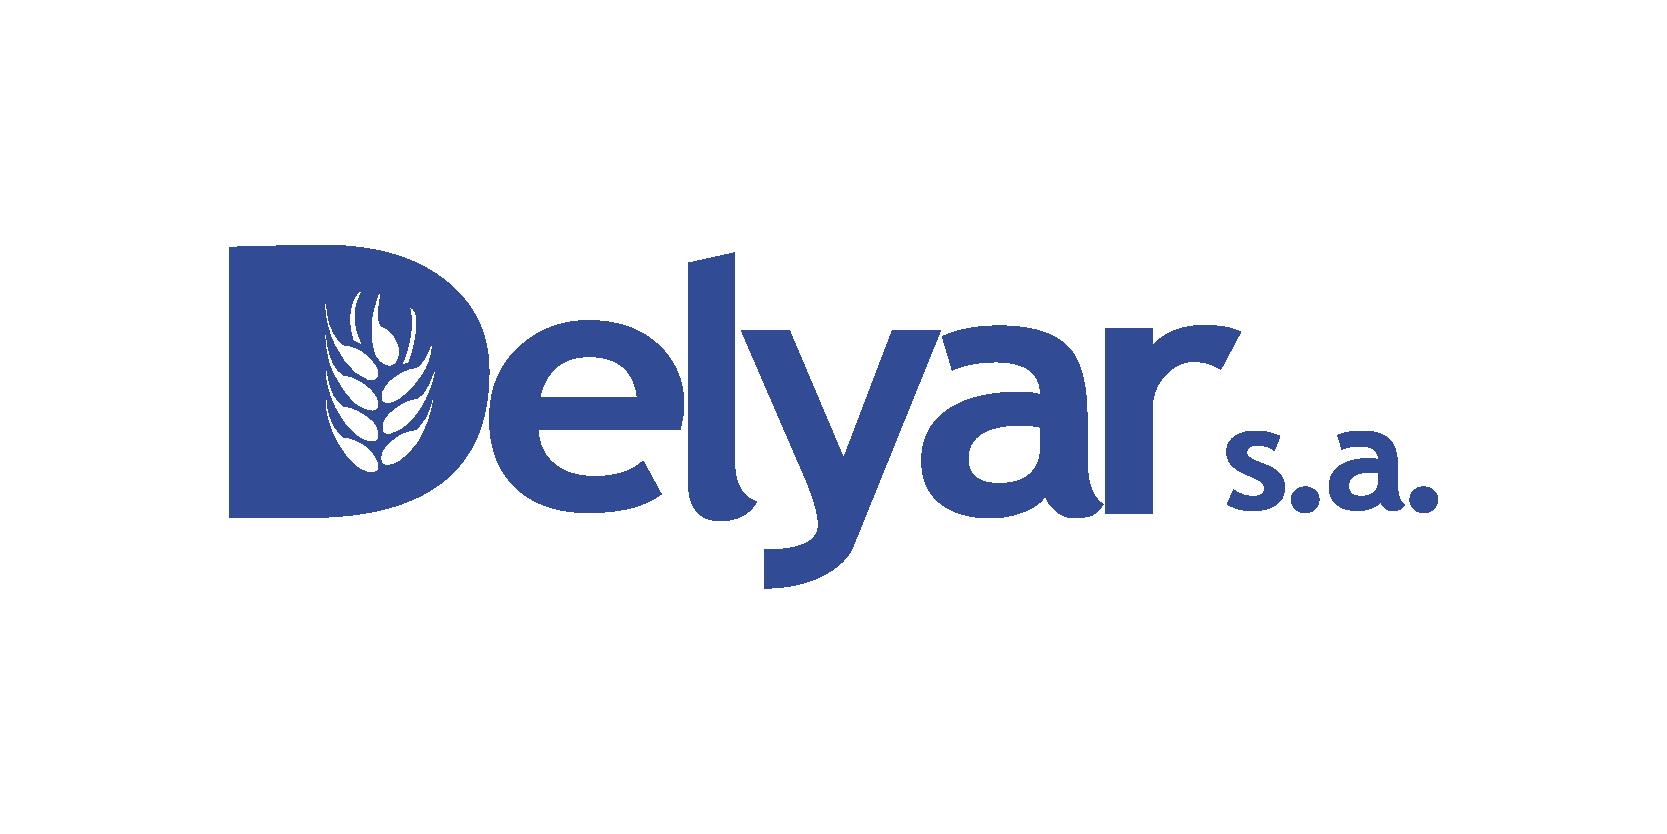 Delyar